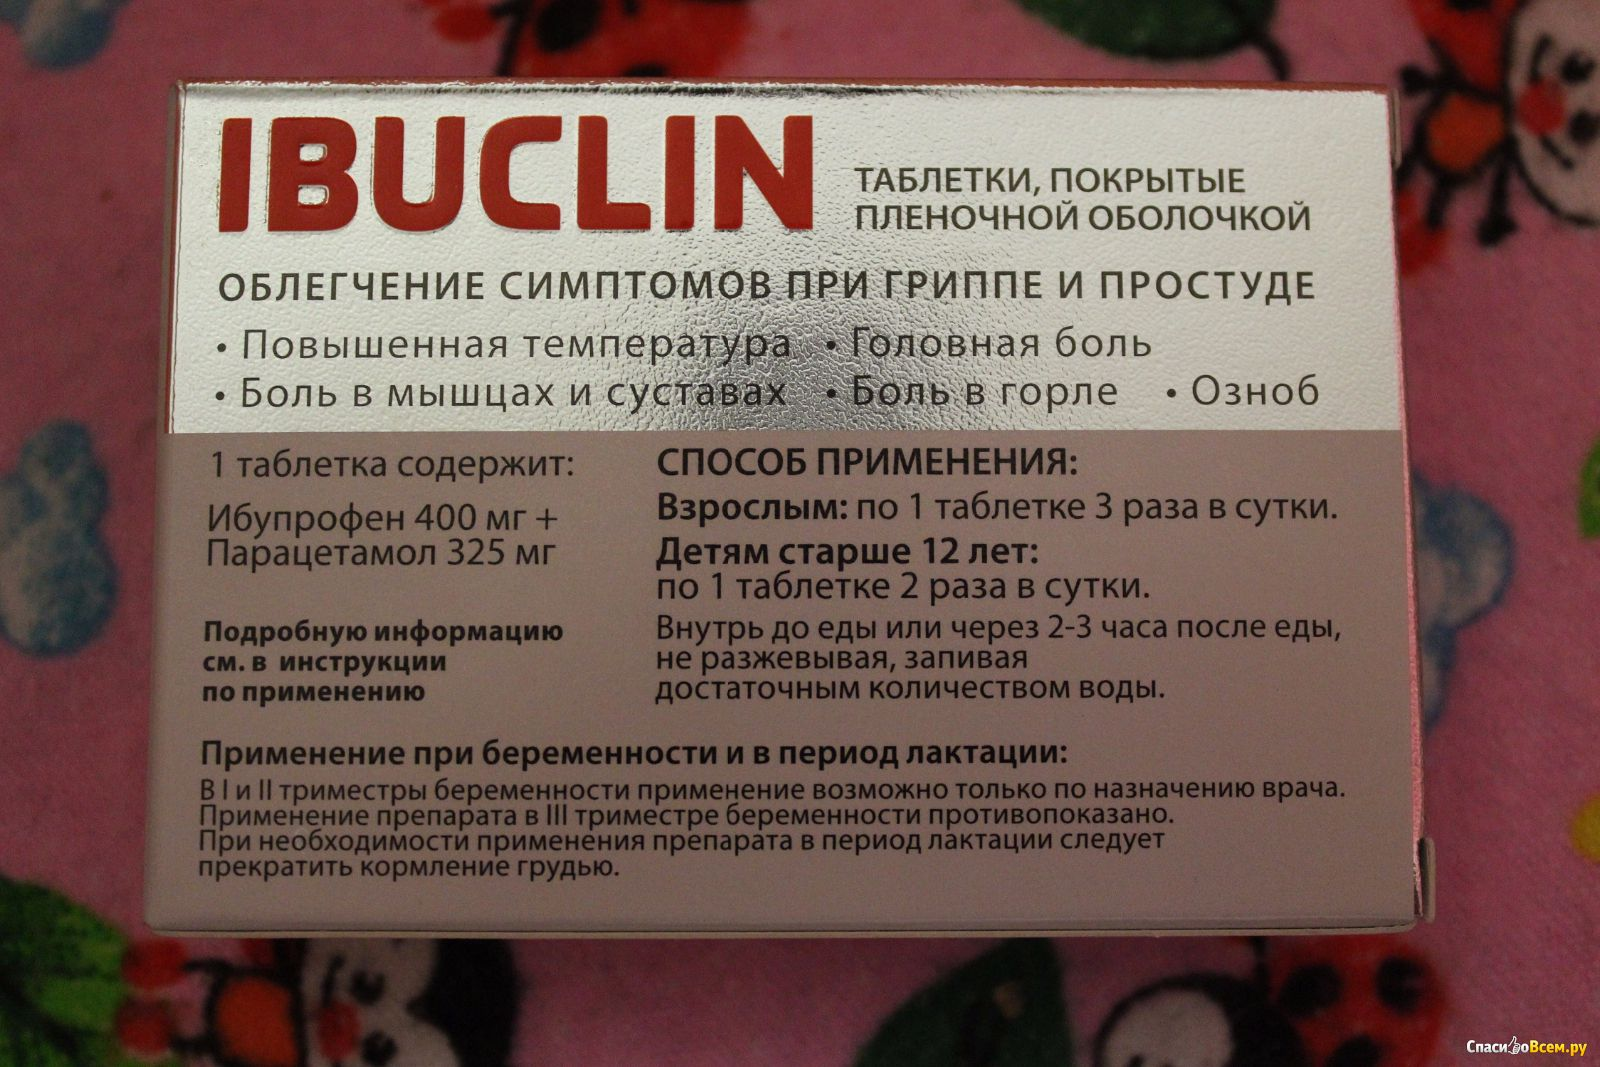 лекарства при беременности от головной боли действует вагинальный